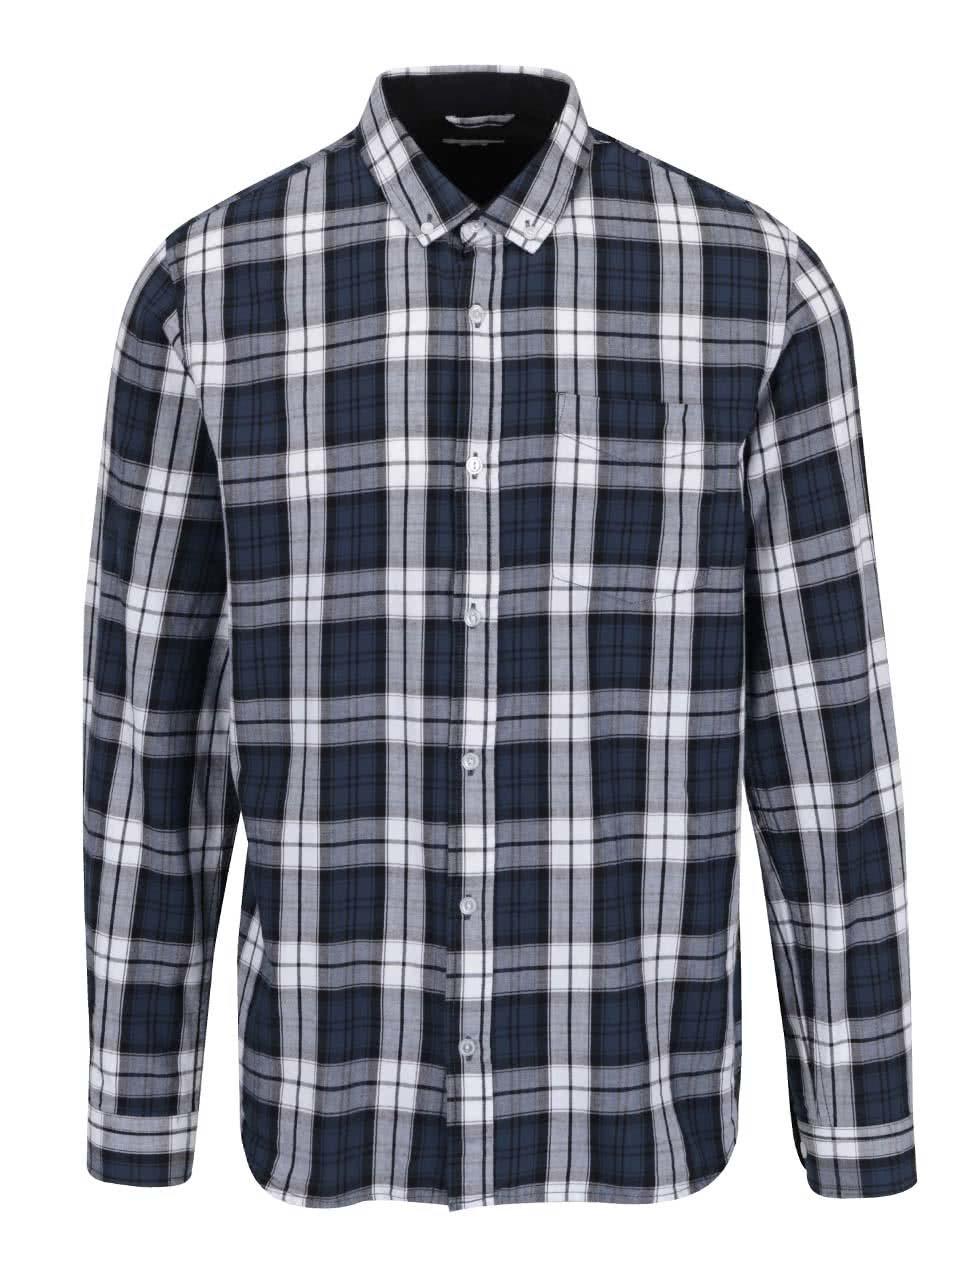 Tmavě modrá kostkovaná košile Shine Original Checked